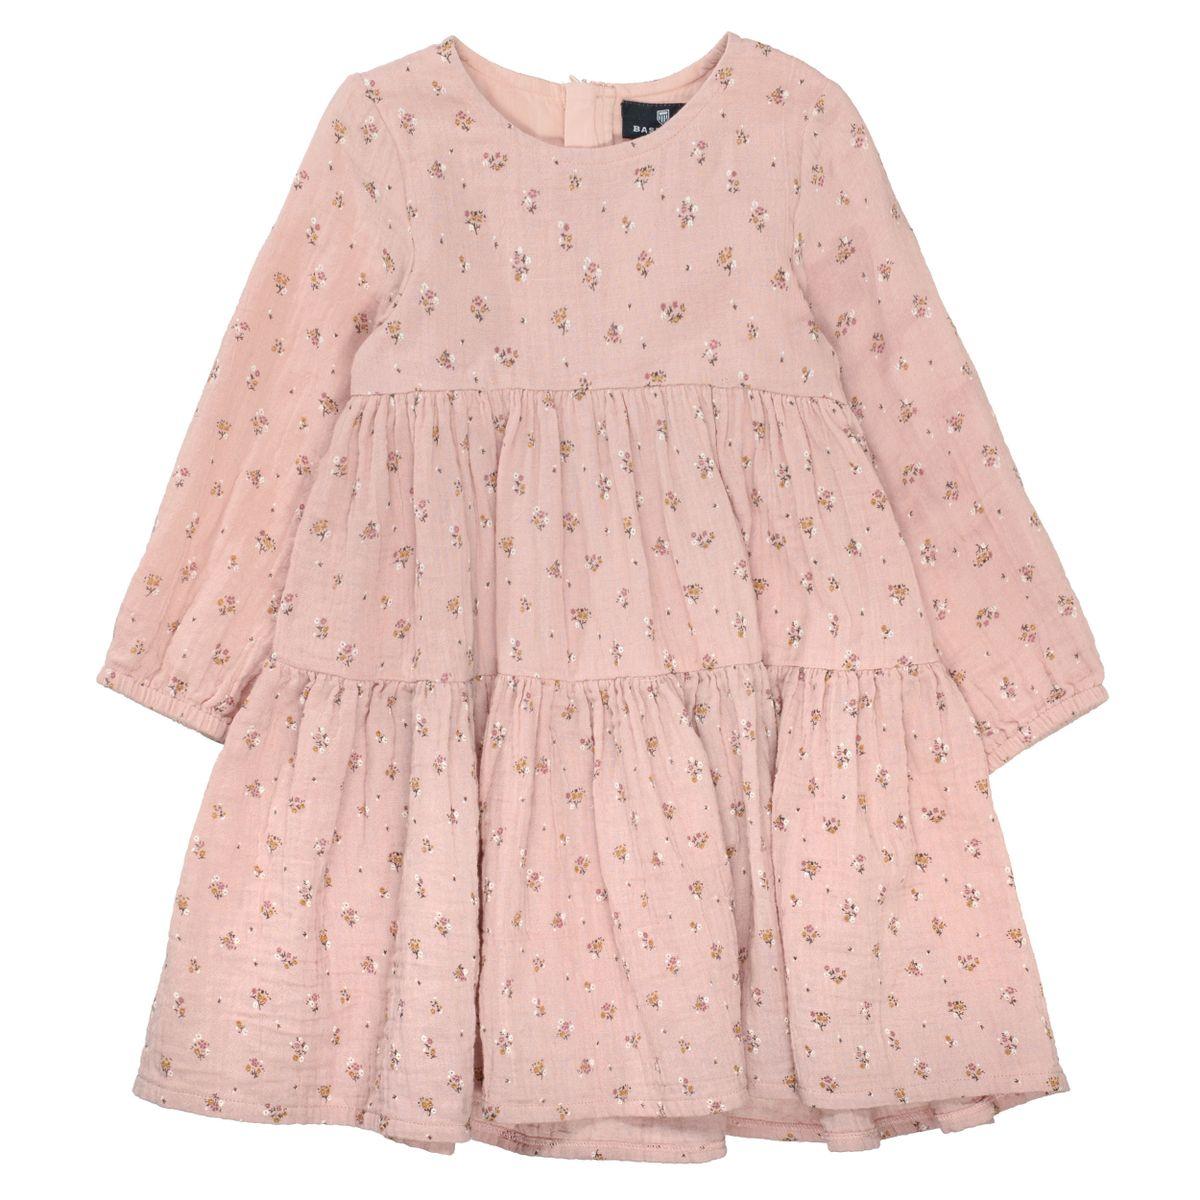 BASEFIELD Kleid mit Blümchen-Print - Vintage Berry